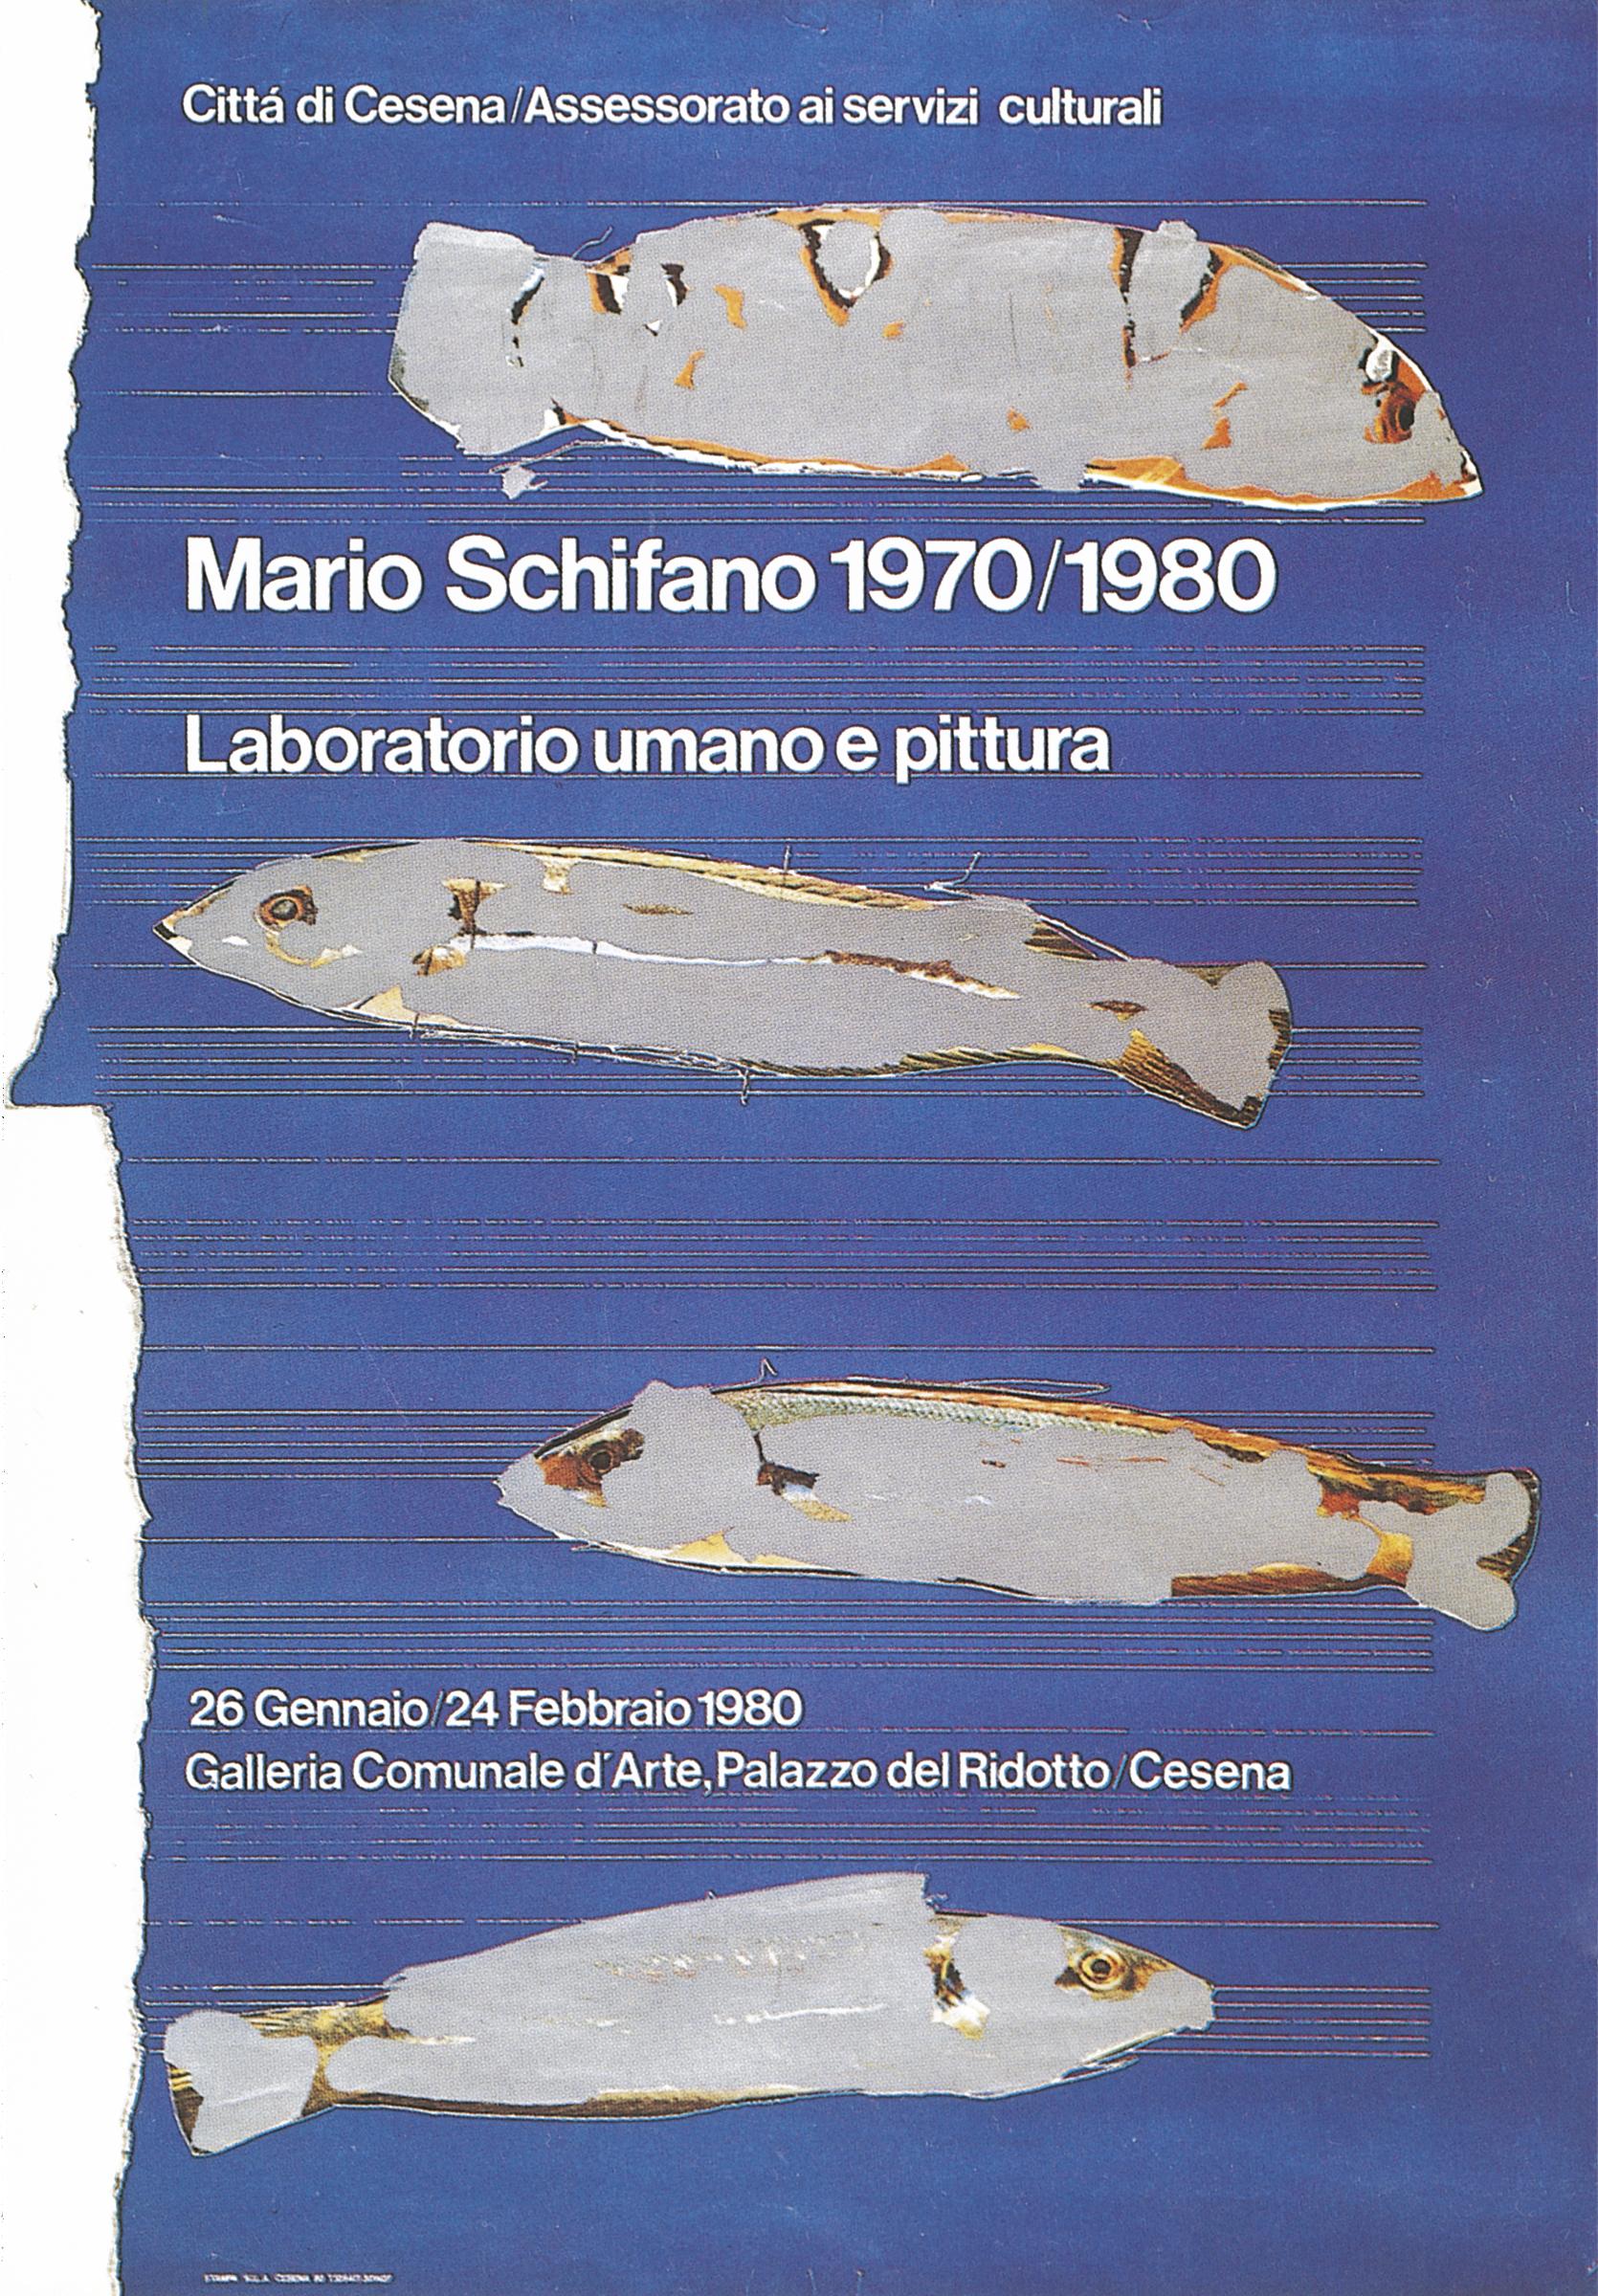 22 manifesto Mario Schifano